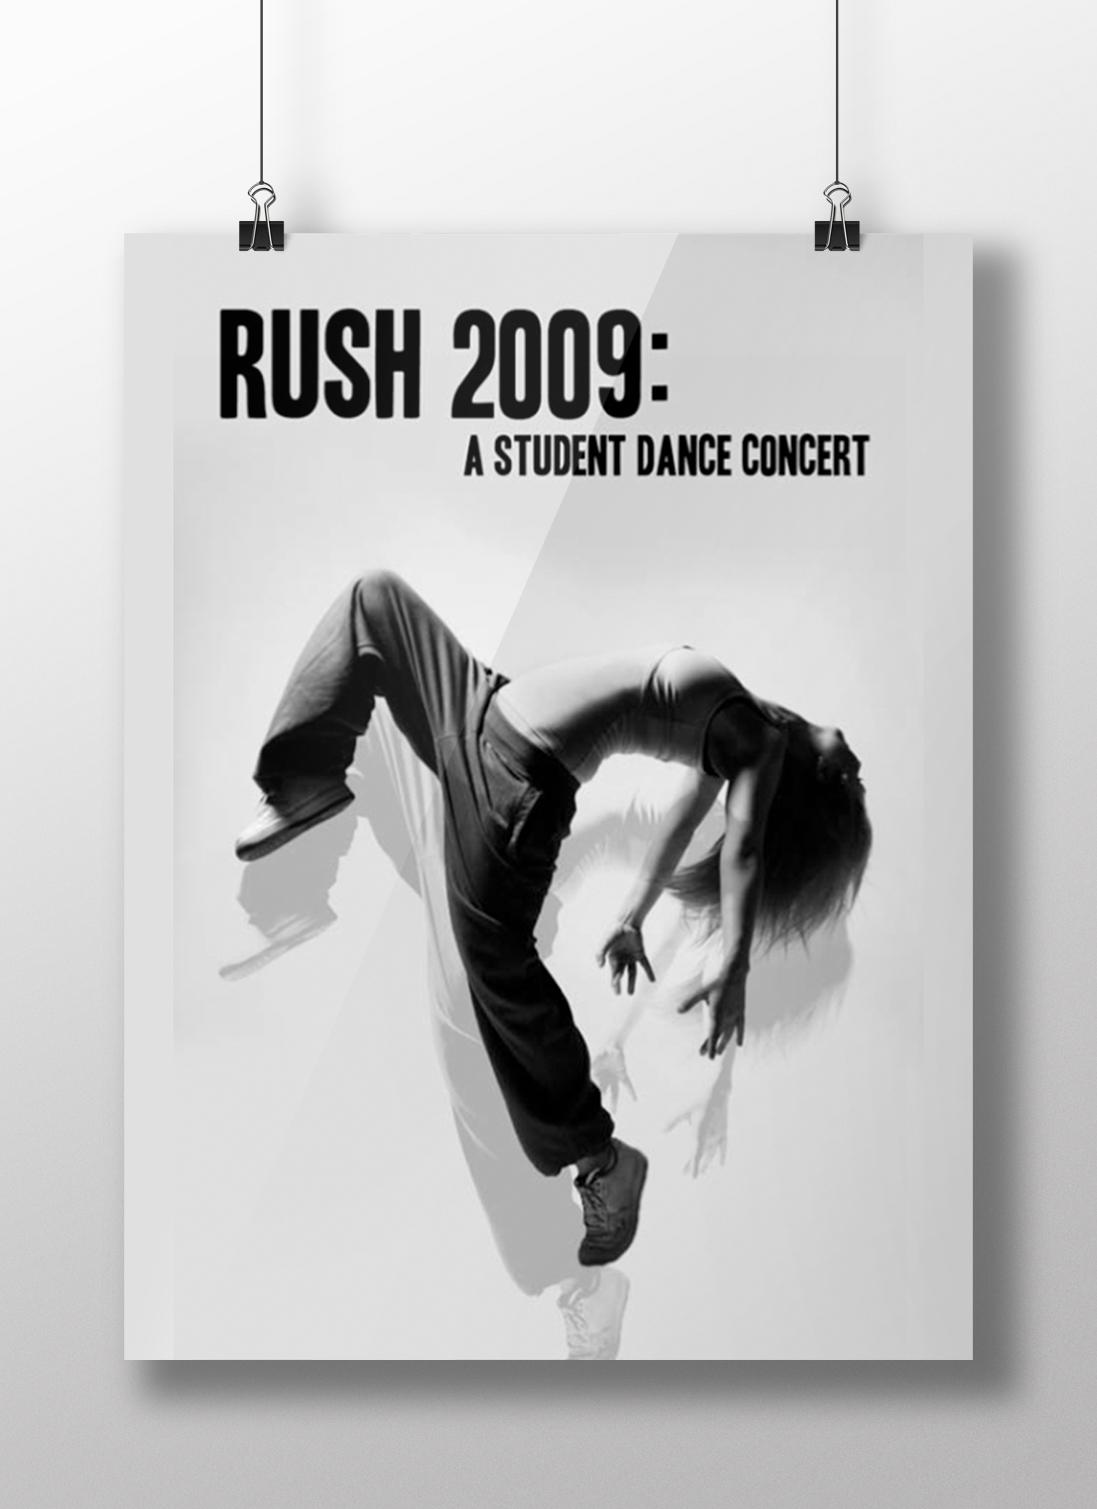 RUSH 2009 Poster